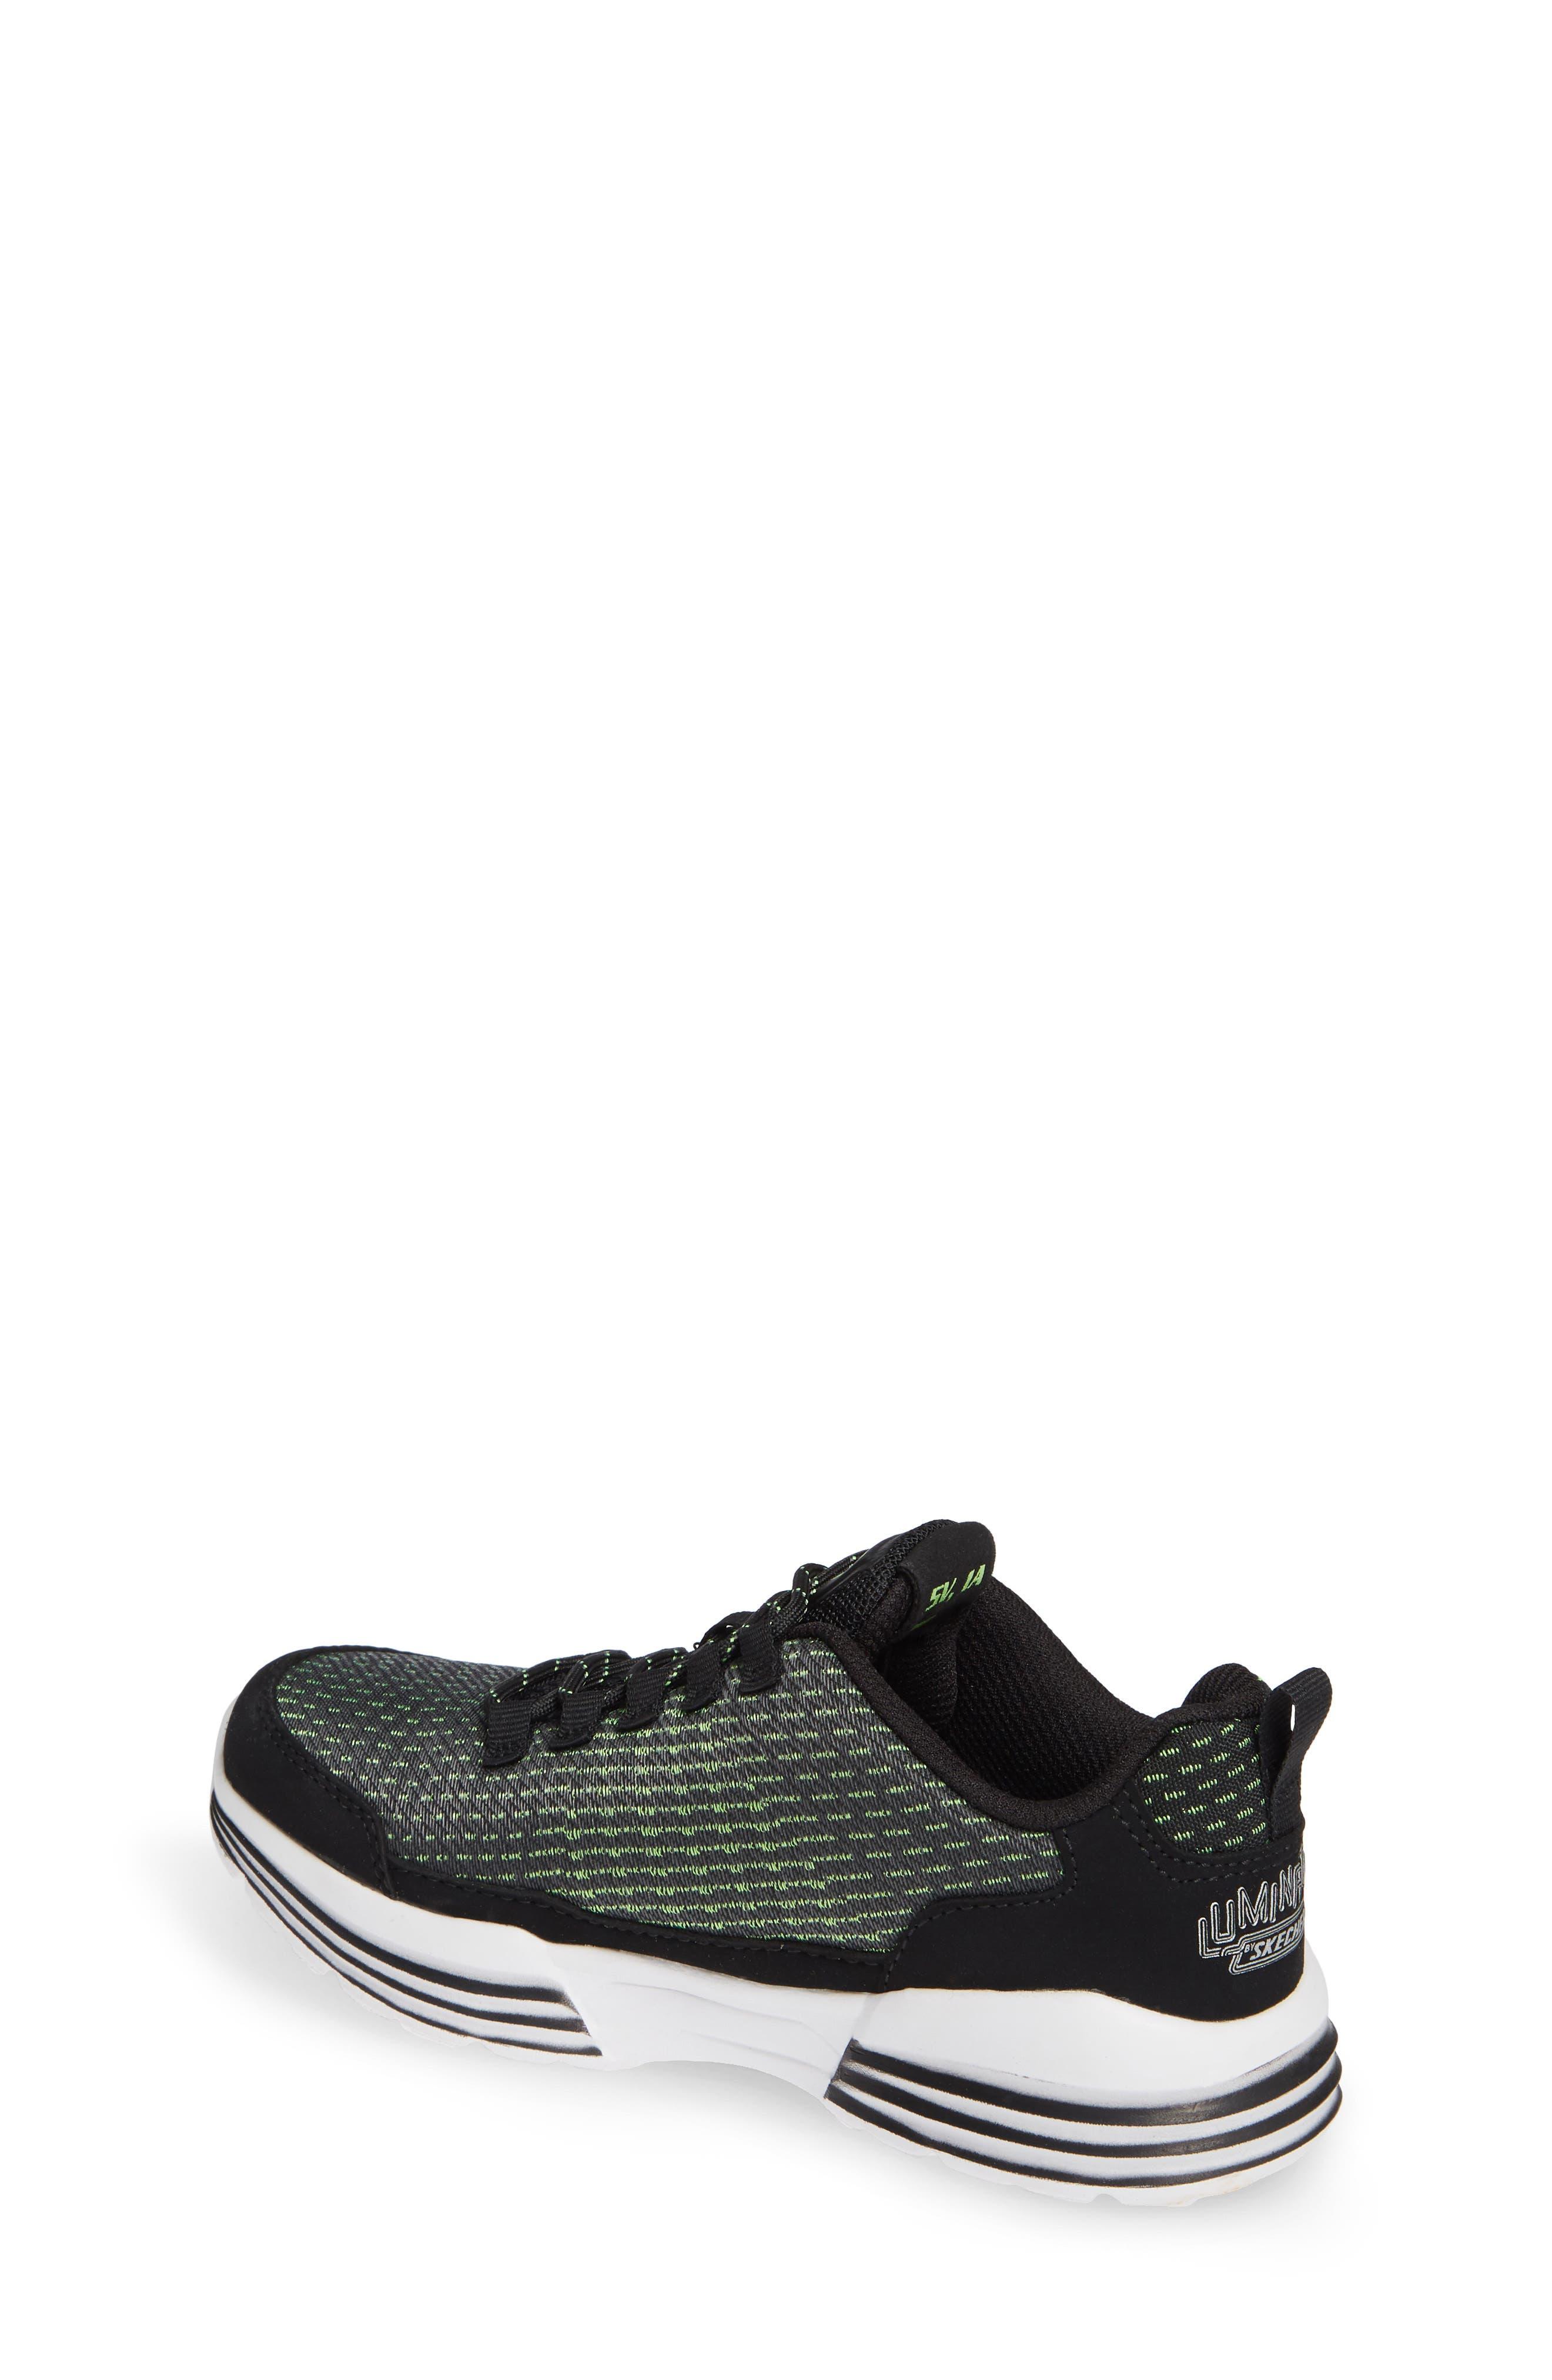 Luminators Sneaker,                             Alternate thumbnail 2, color,                             BLACK/ LIME